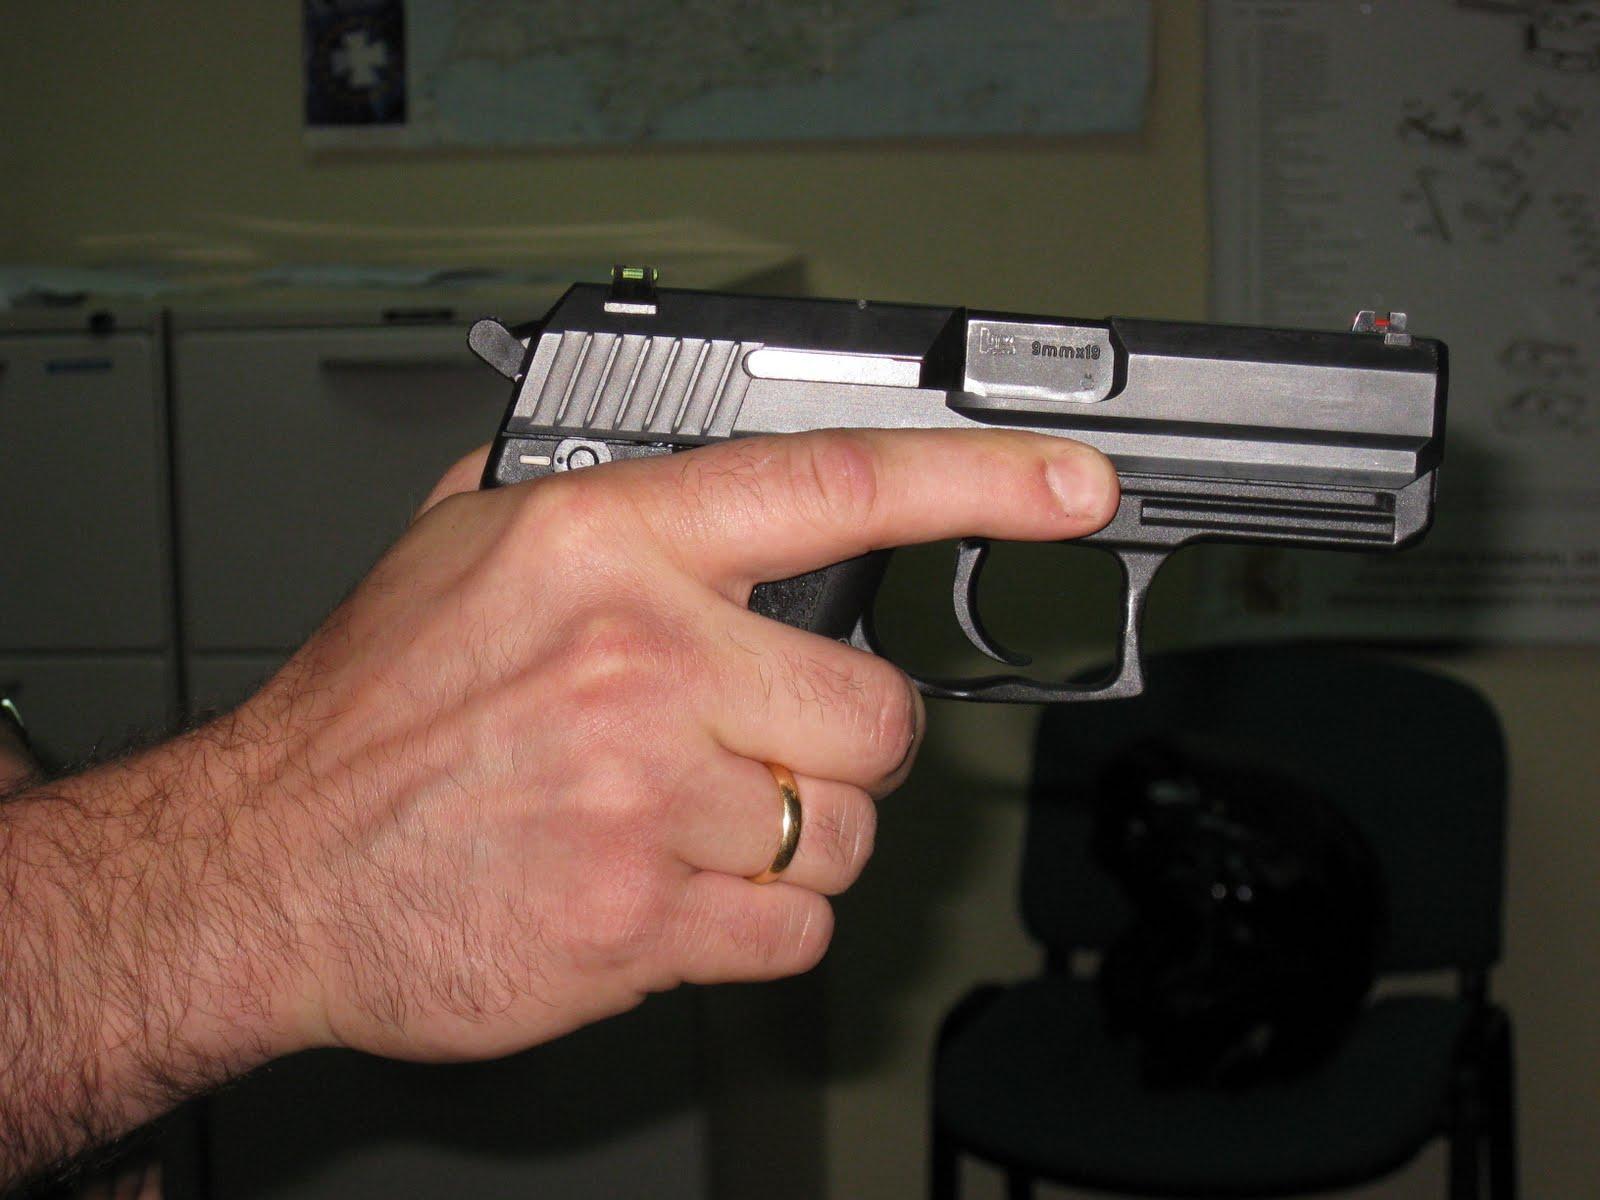 Tiro policial y tactico - Pistola para lacar ...